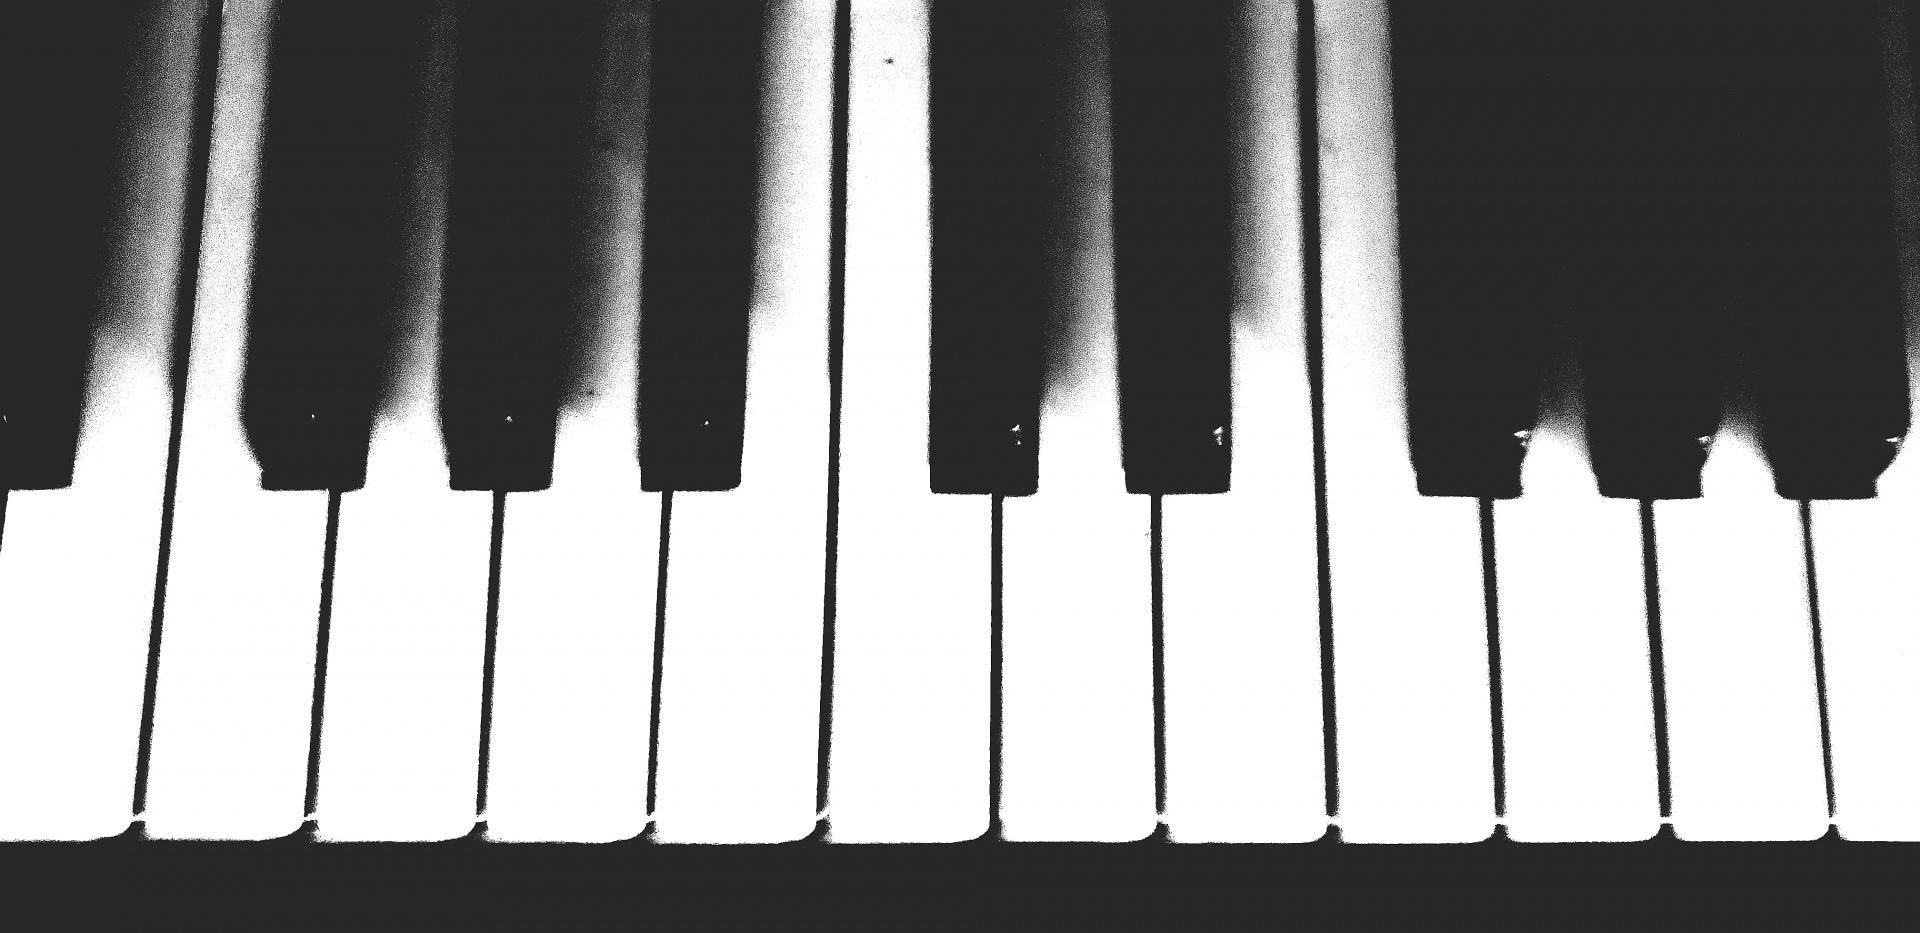 cles de piano noir et blanc photo stock